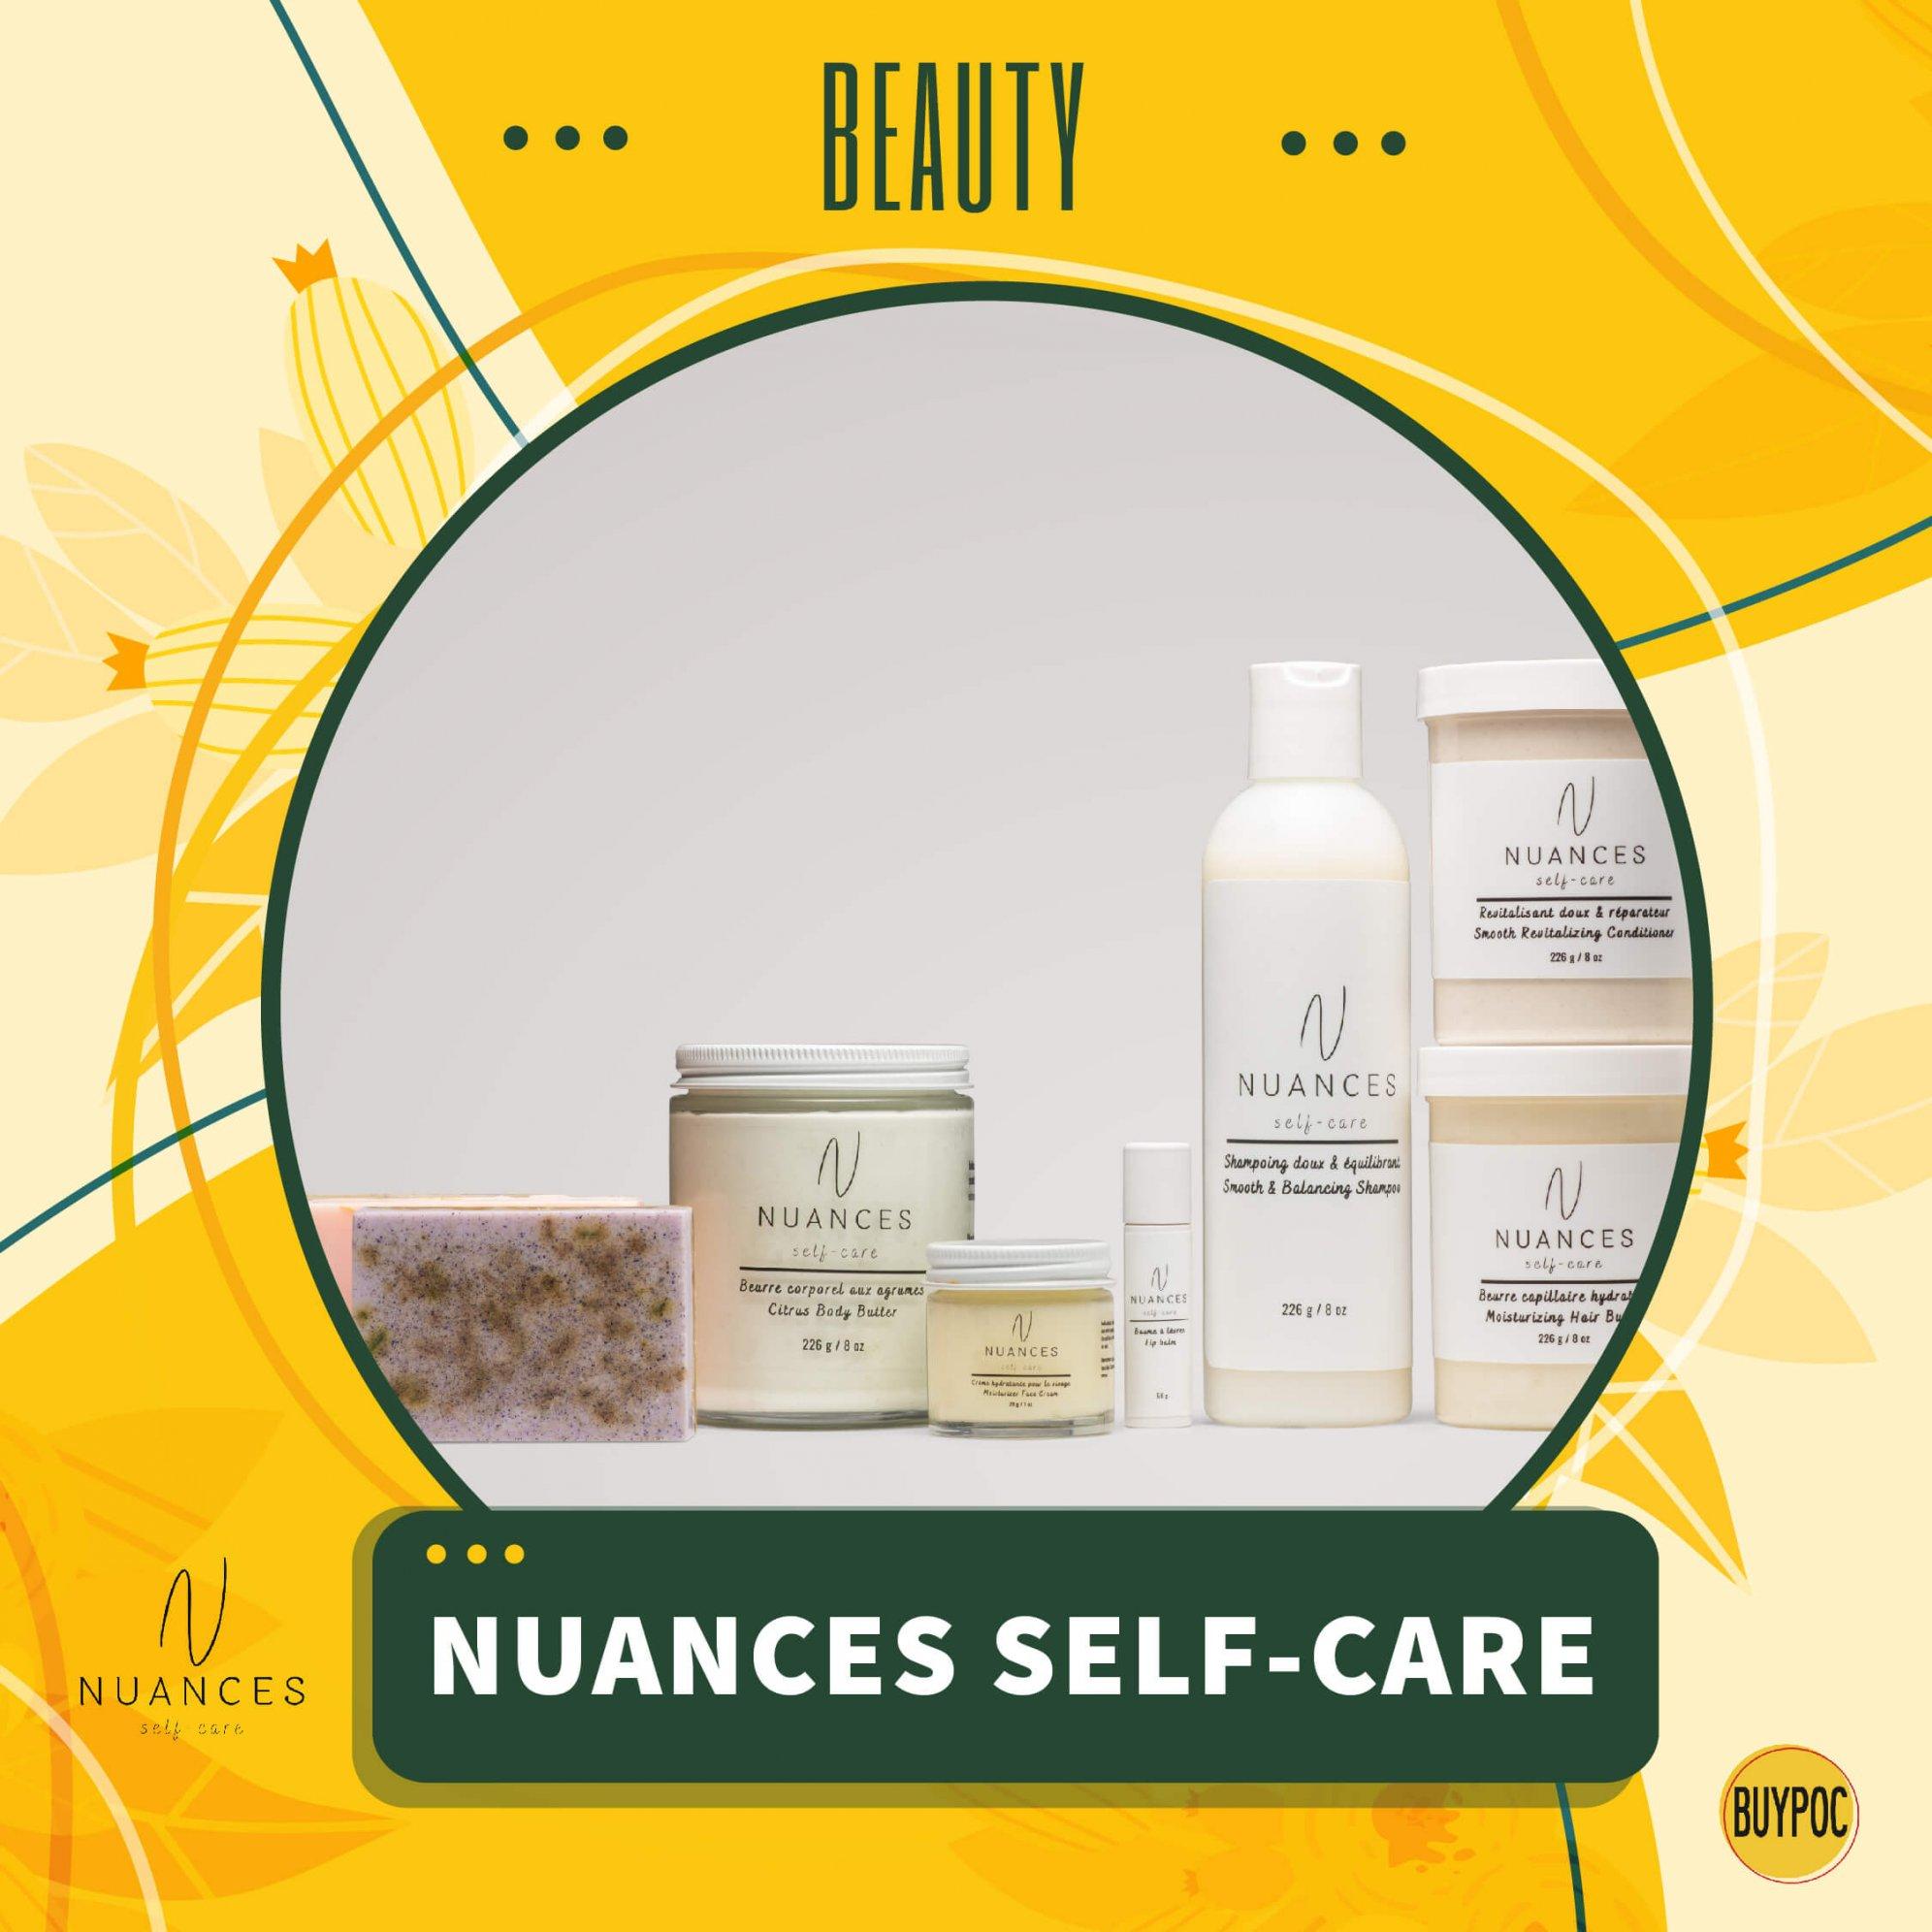 Nuances Self-Care